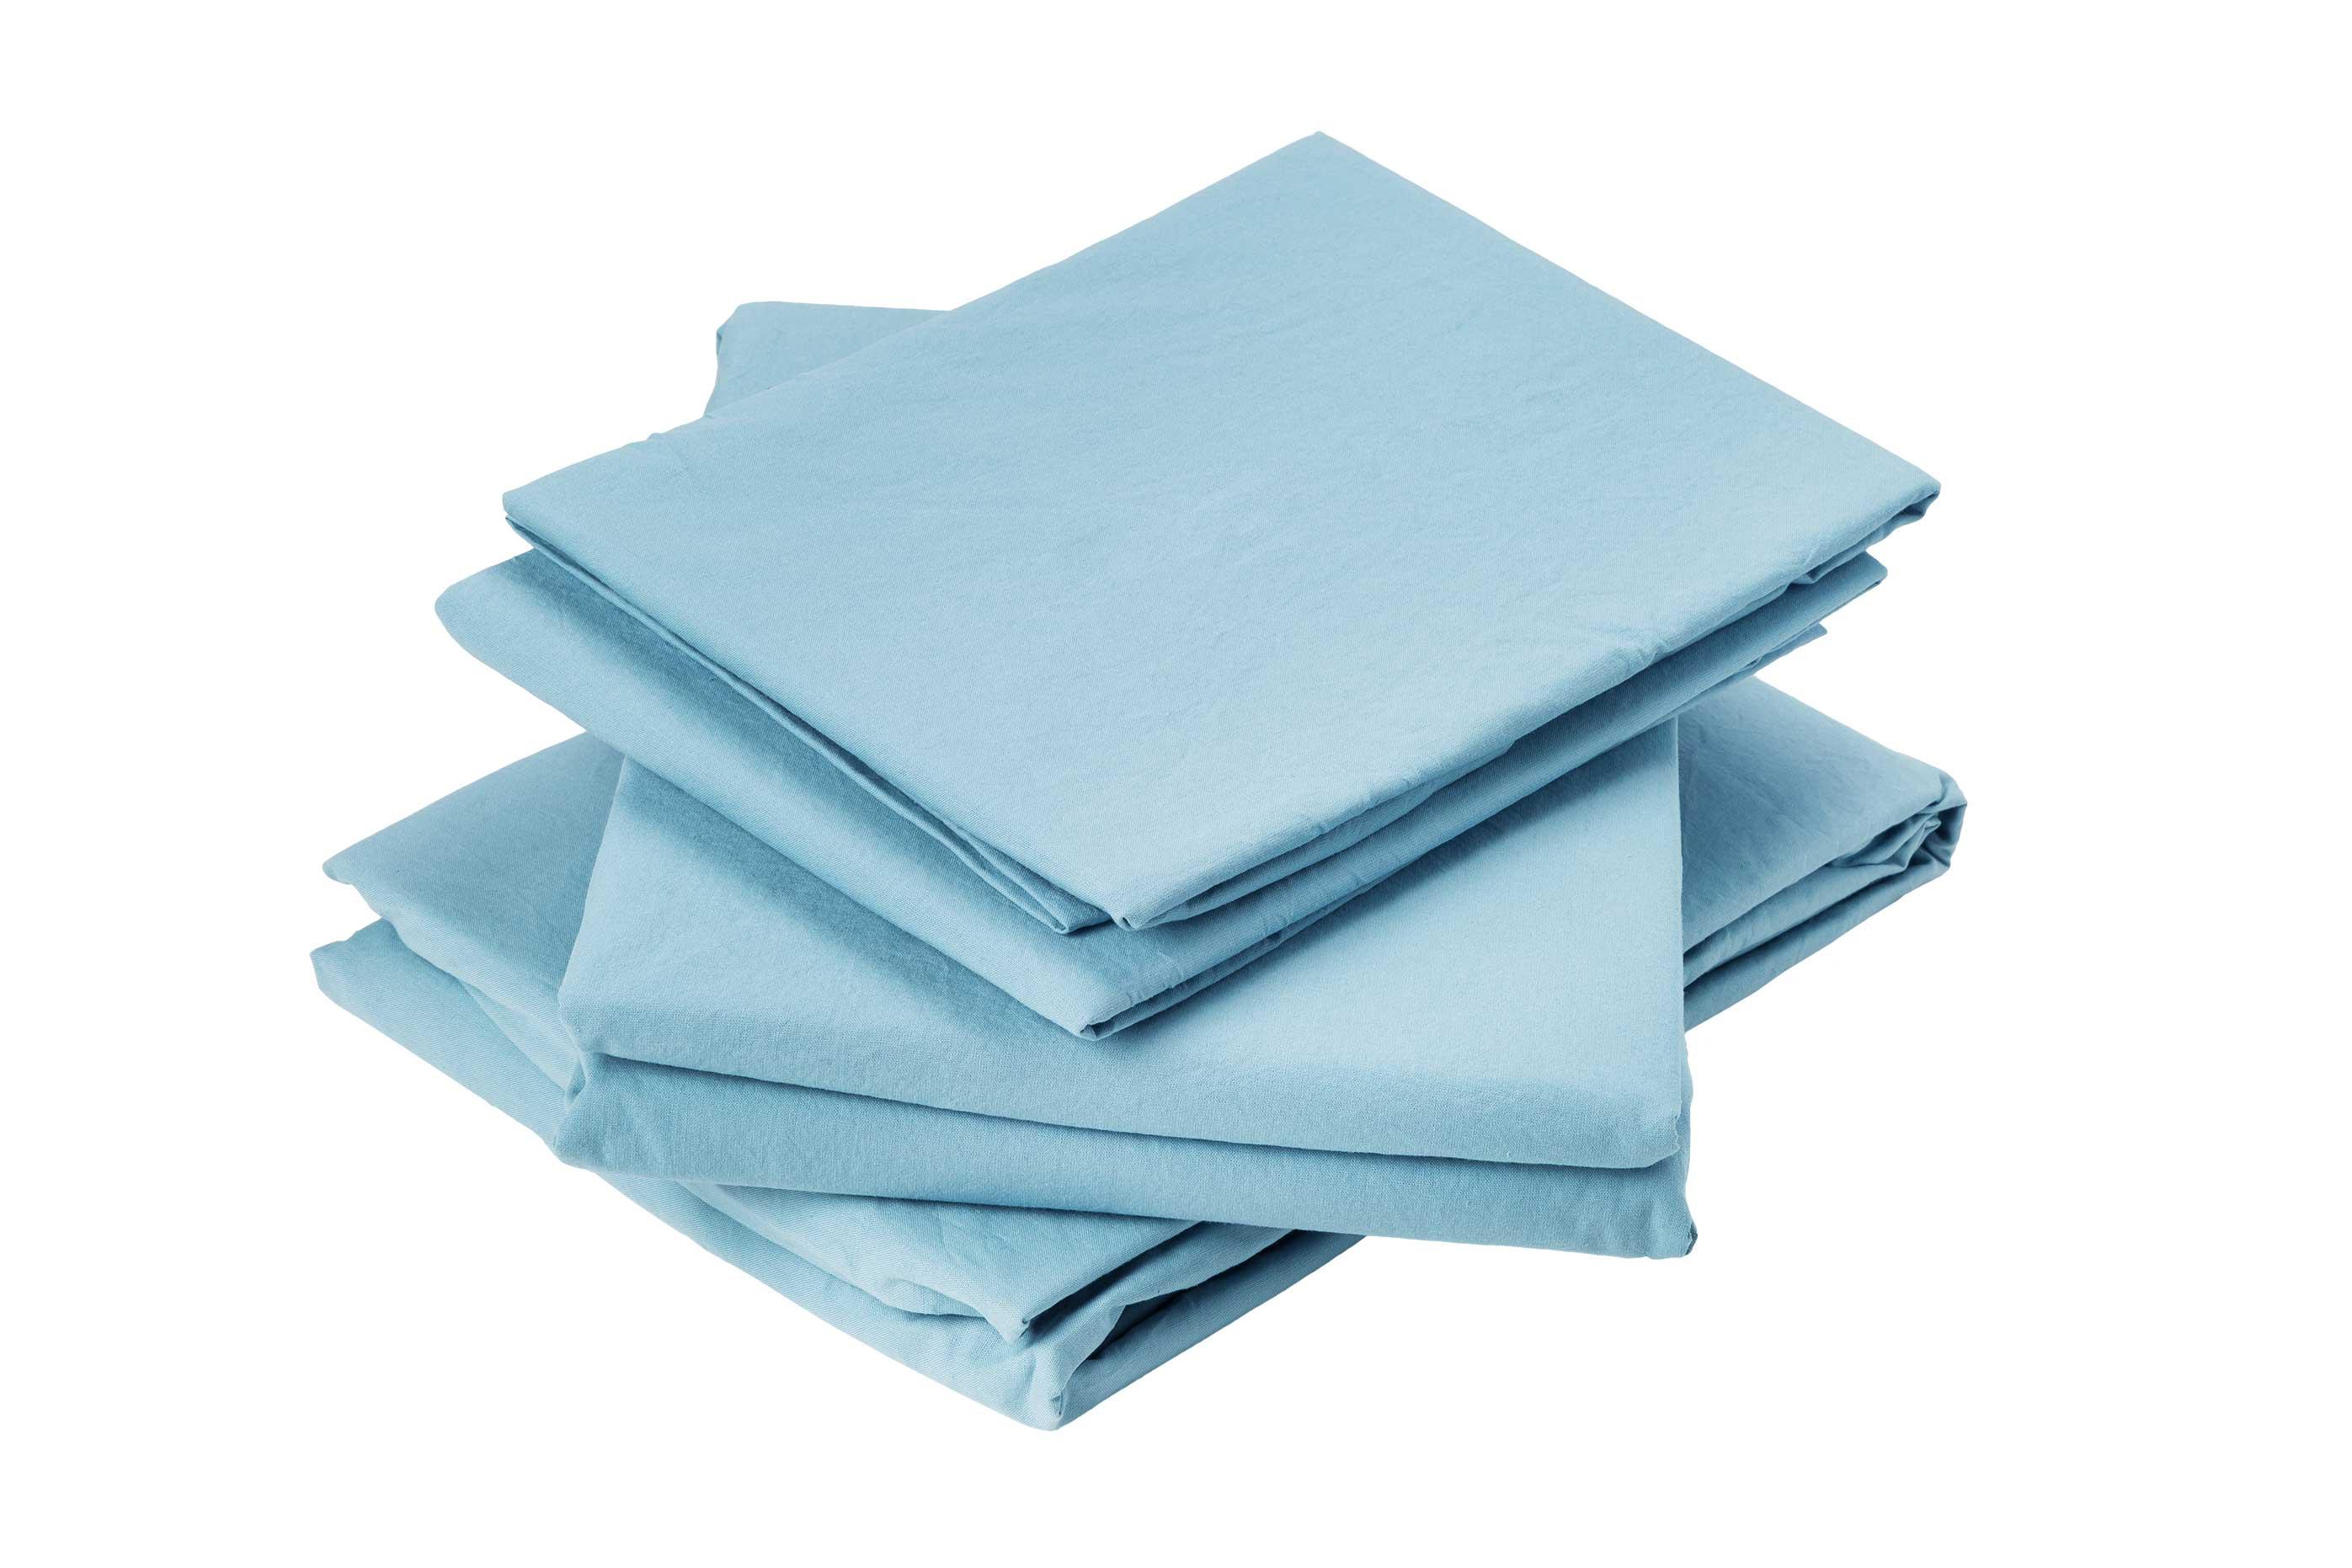 Drap plat en coton lavé coton bleu 290x180